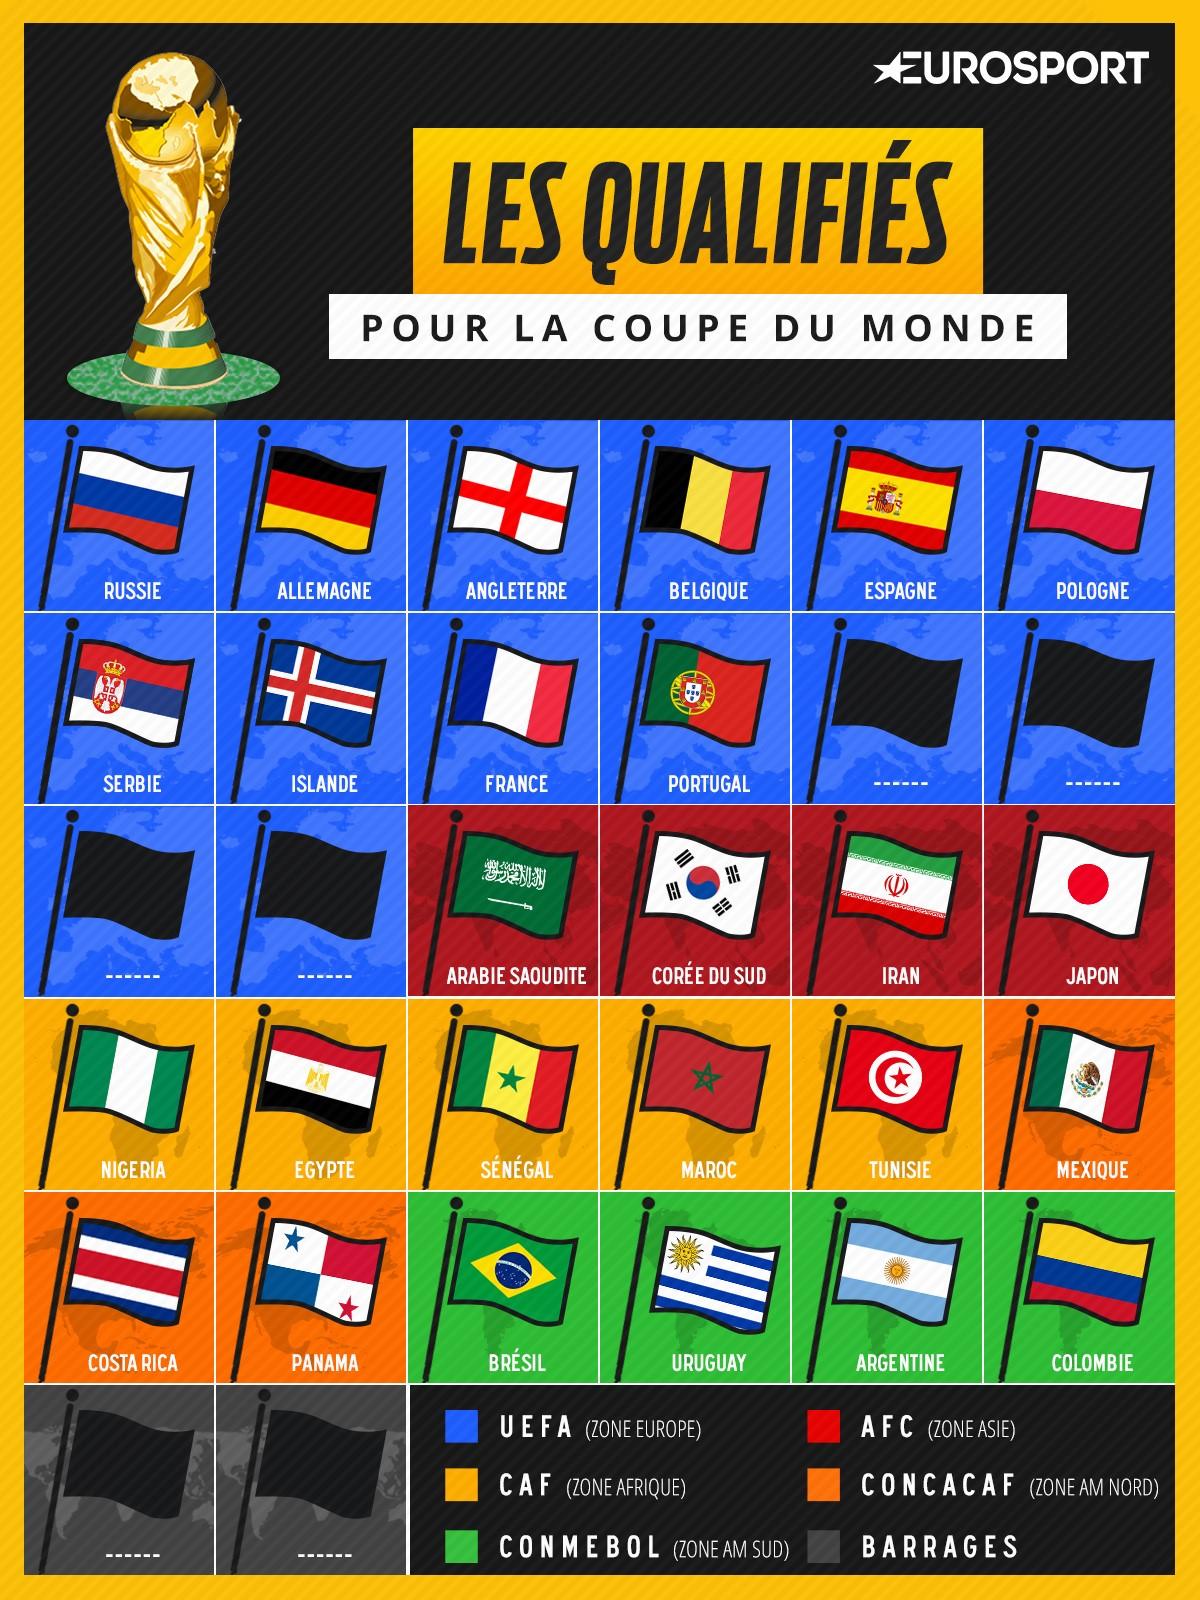 Le maroc et la tunisie rejoignent la france toutes les - Pays qualifies pour la coupe du monde ...